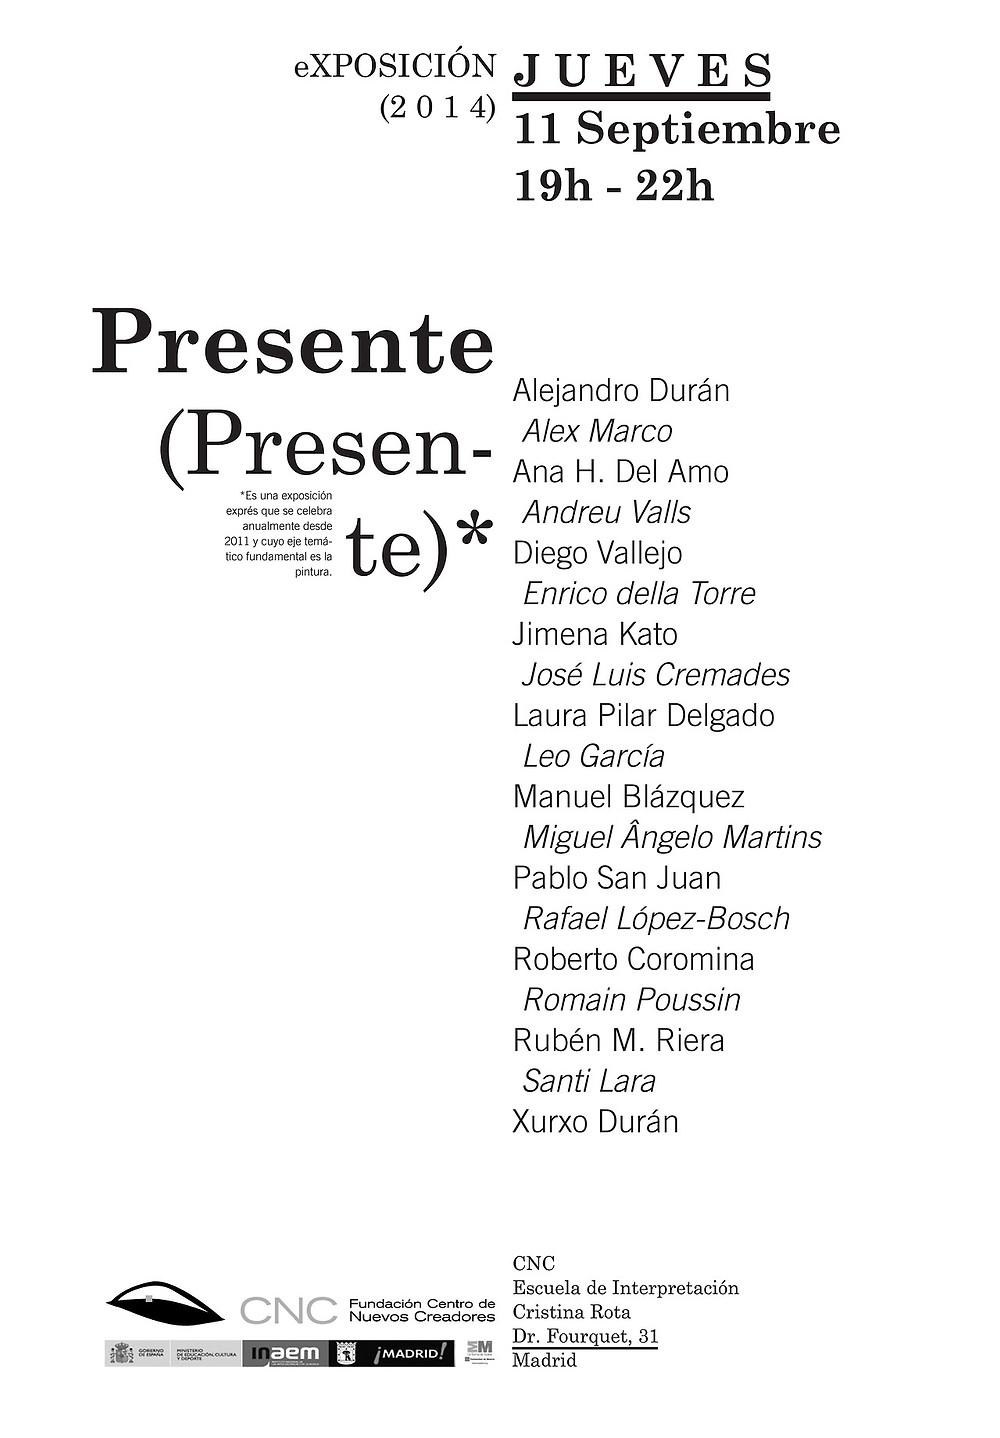 Presente_presente_2014.jpg